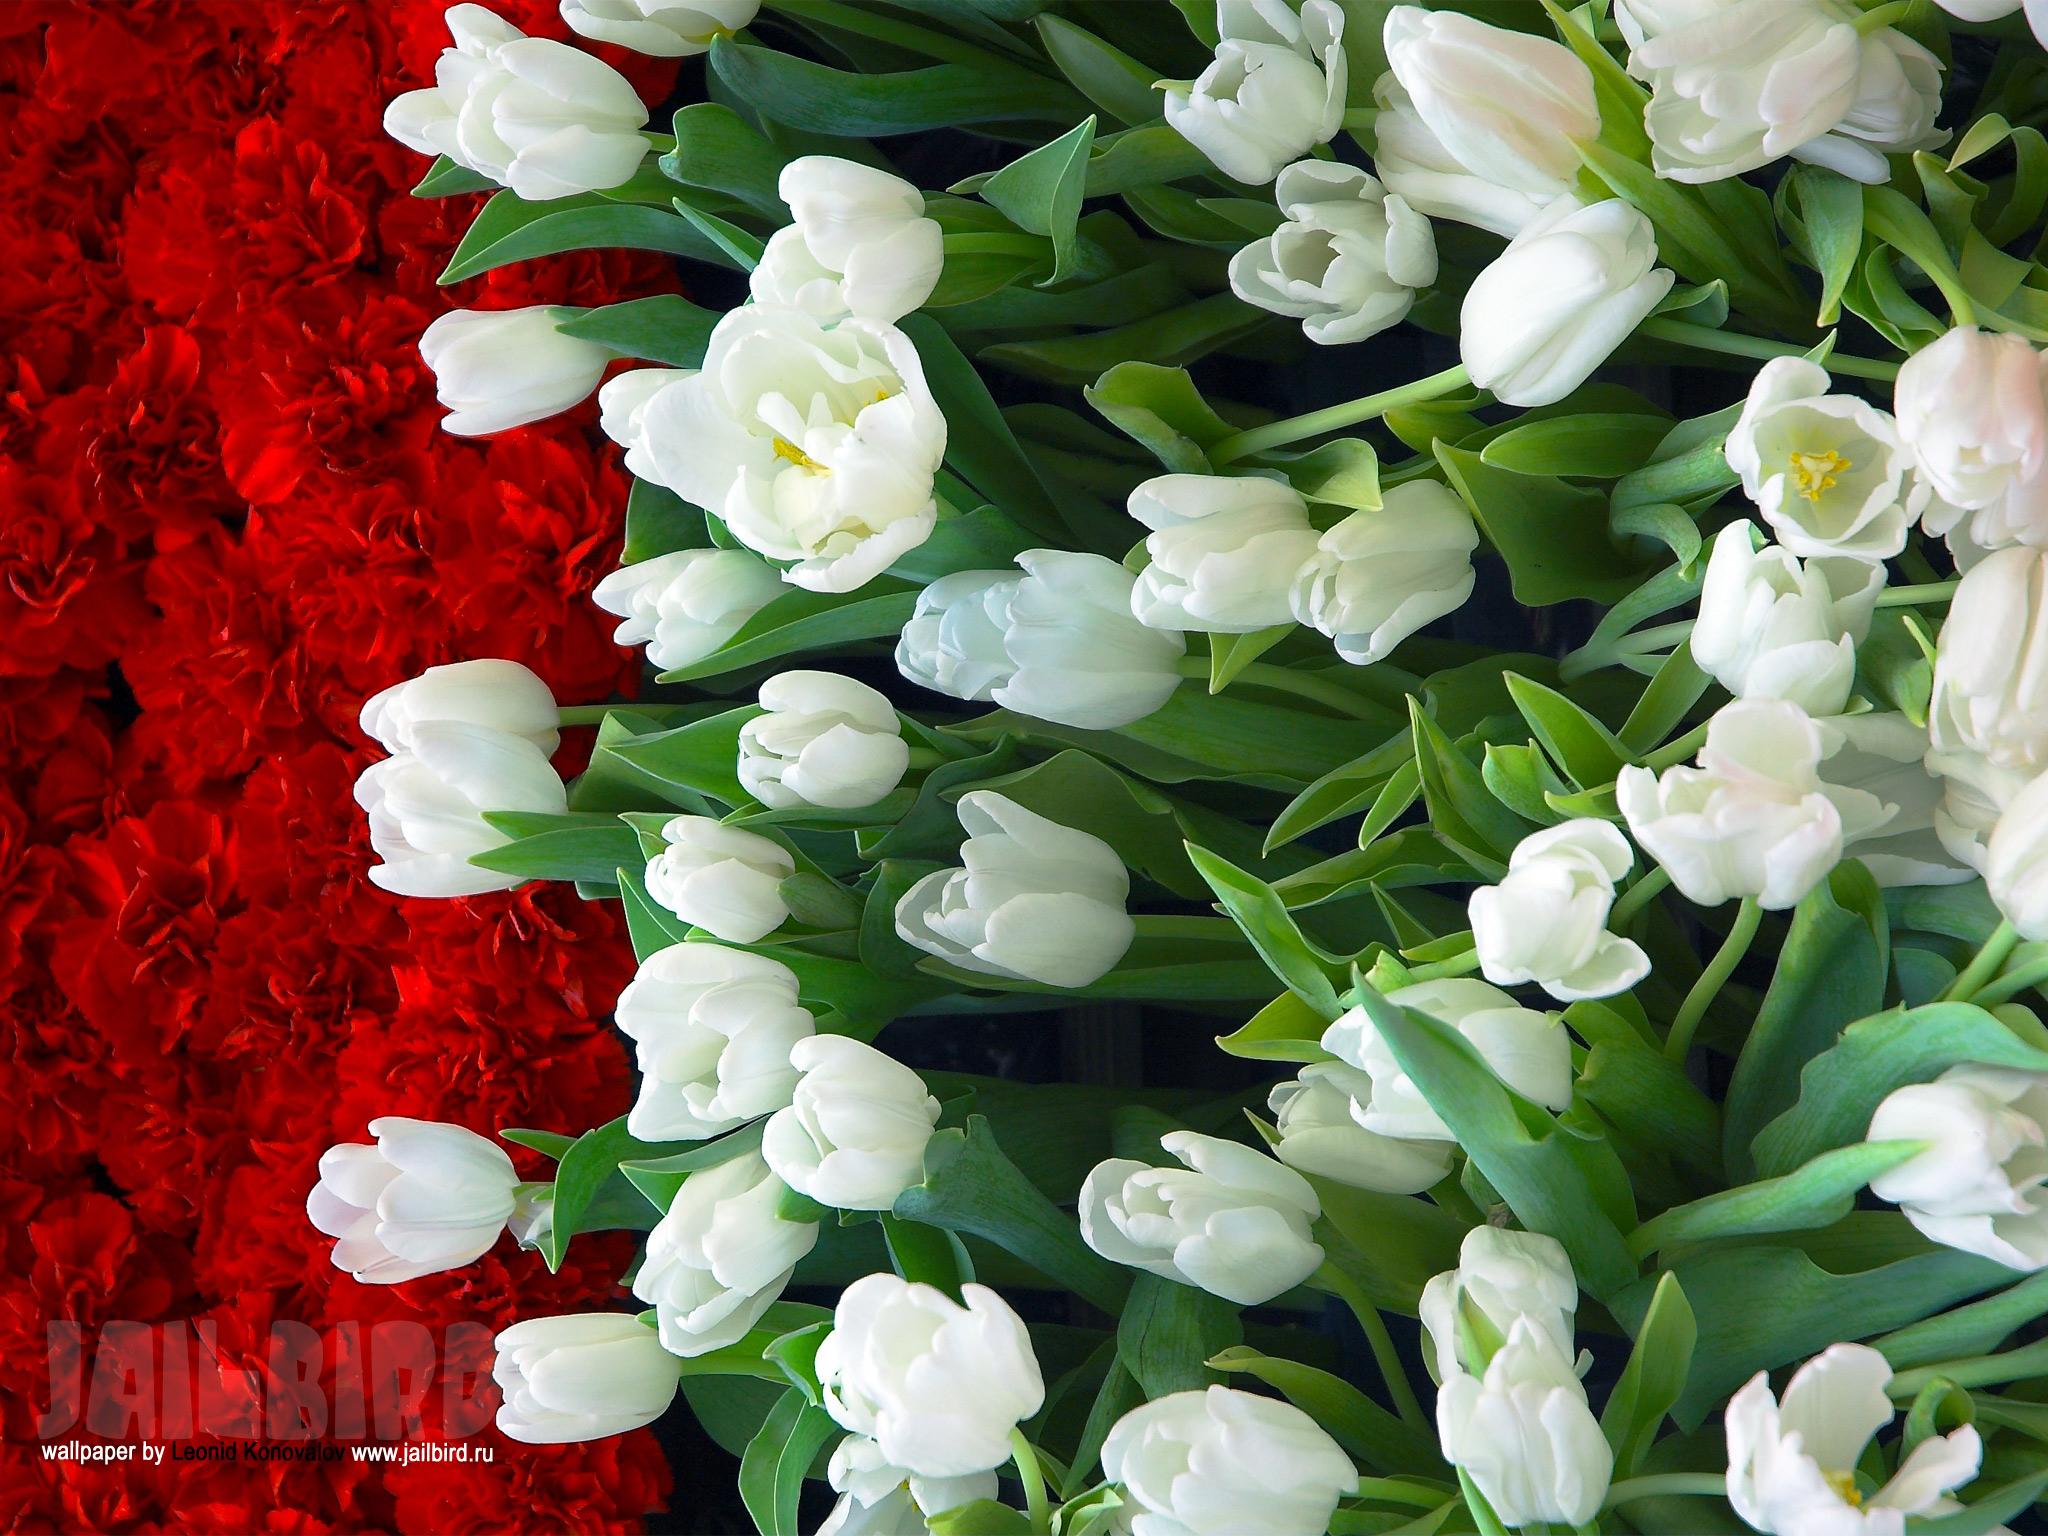 Букеты цветов картинки очень красивые 8